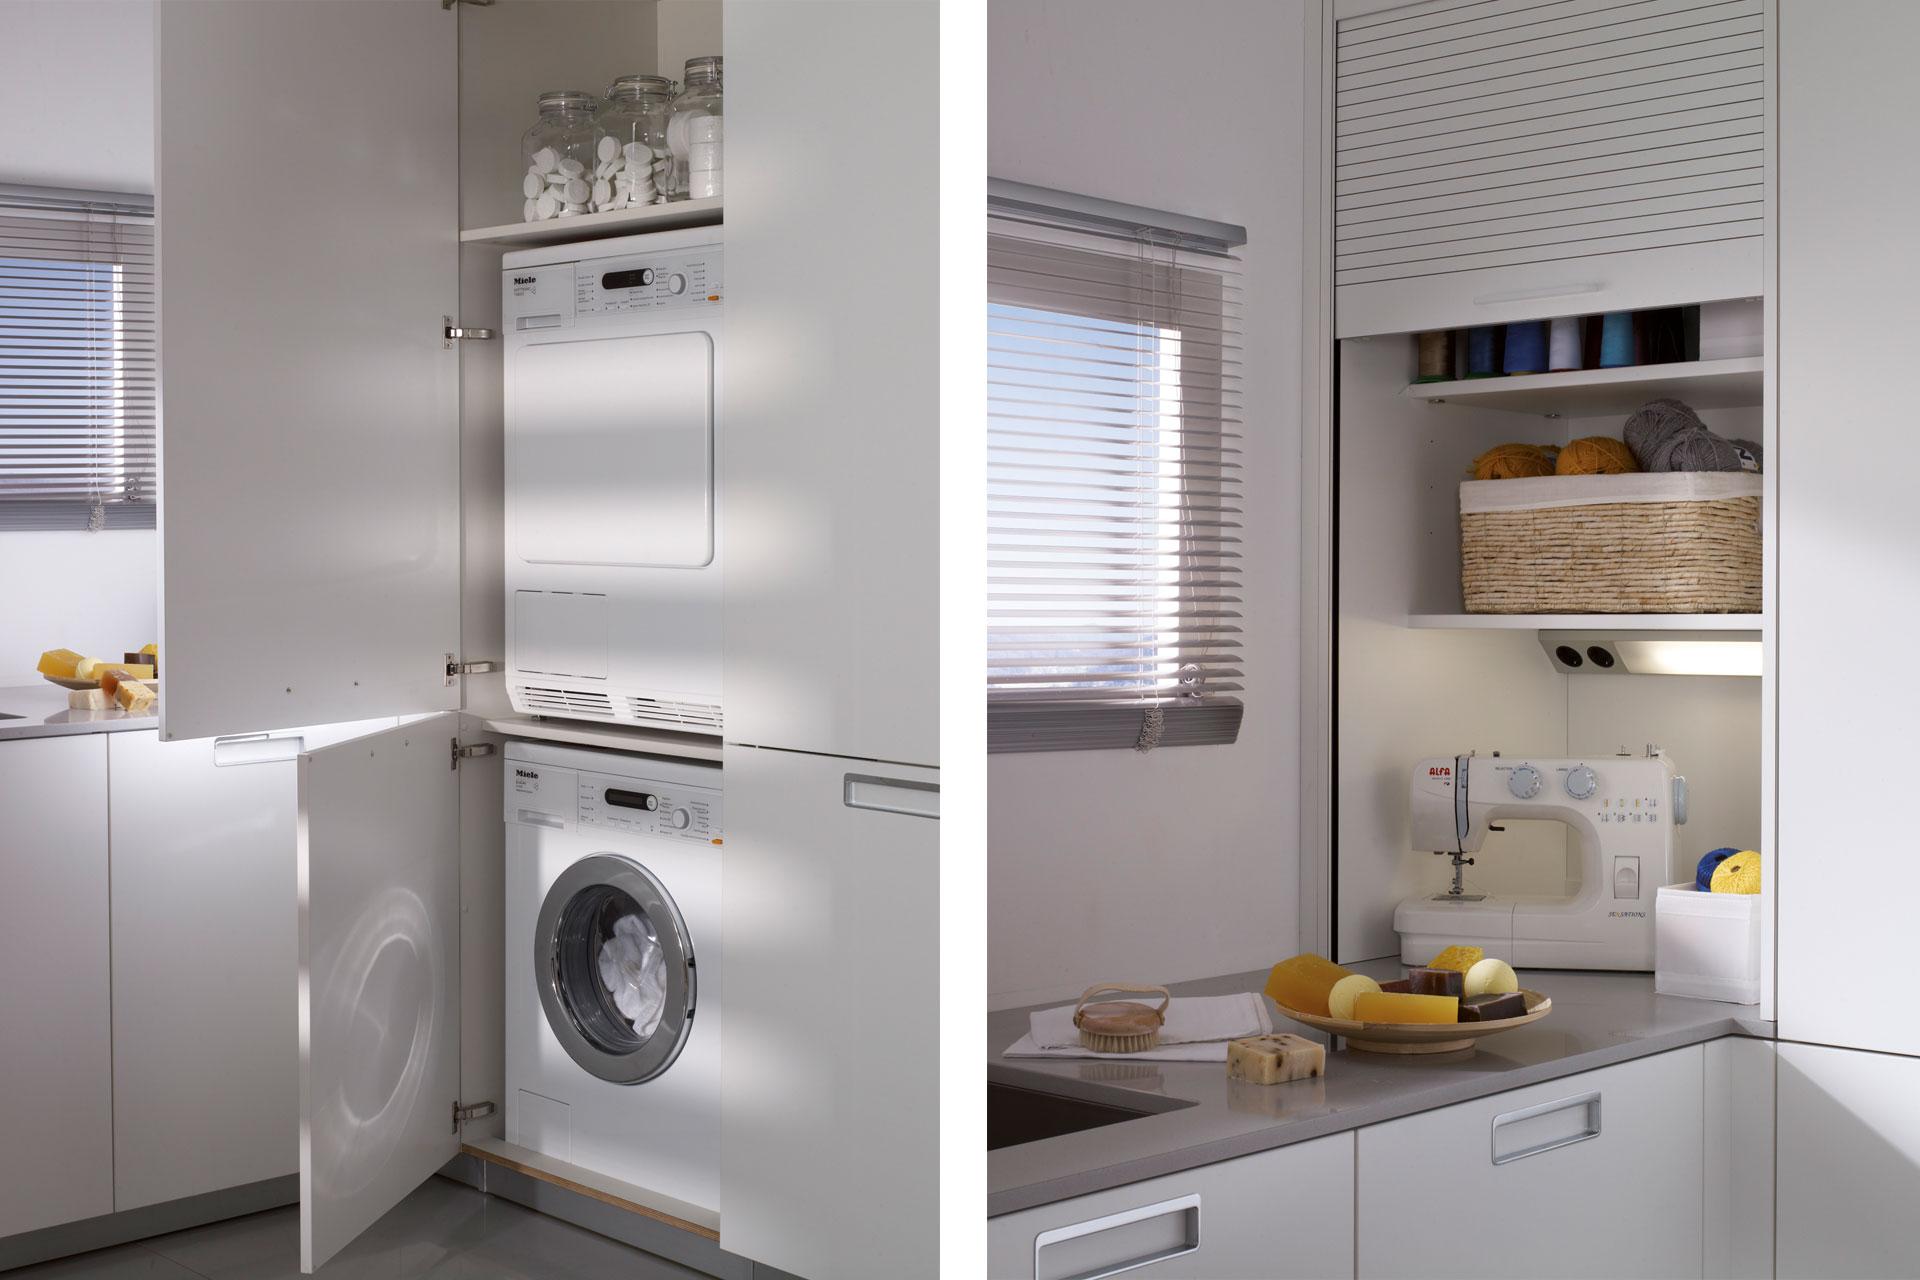 Electrodomésticos integrados: espacios limpios y armónicos   Columna lavandería   Cocinas Santos   Santiago Interiores